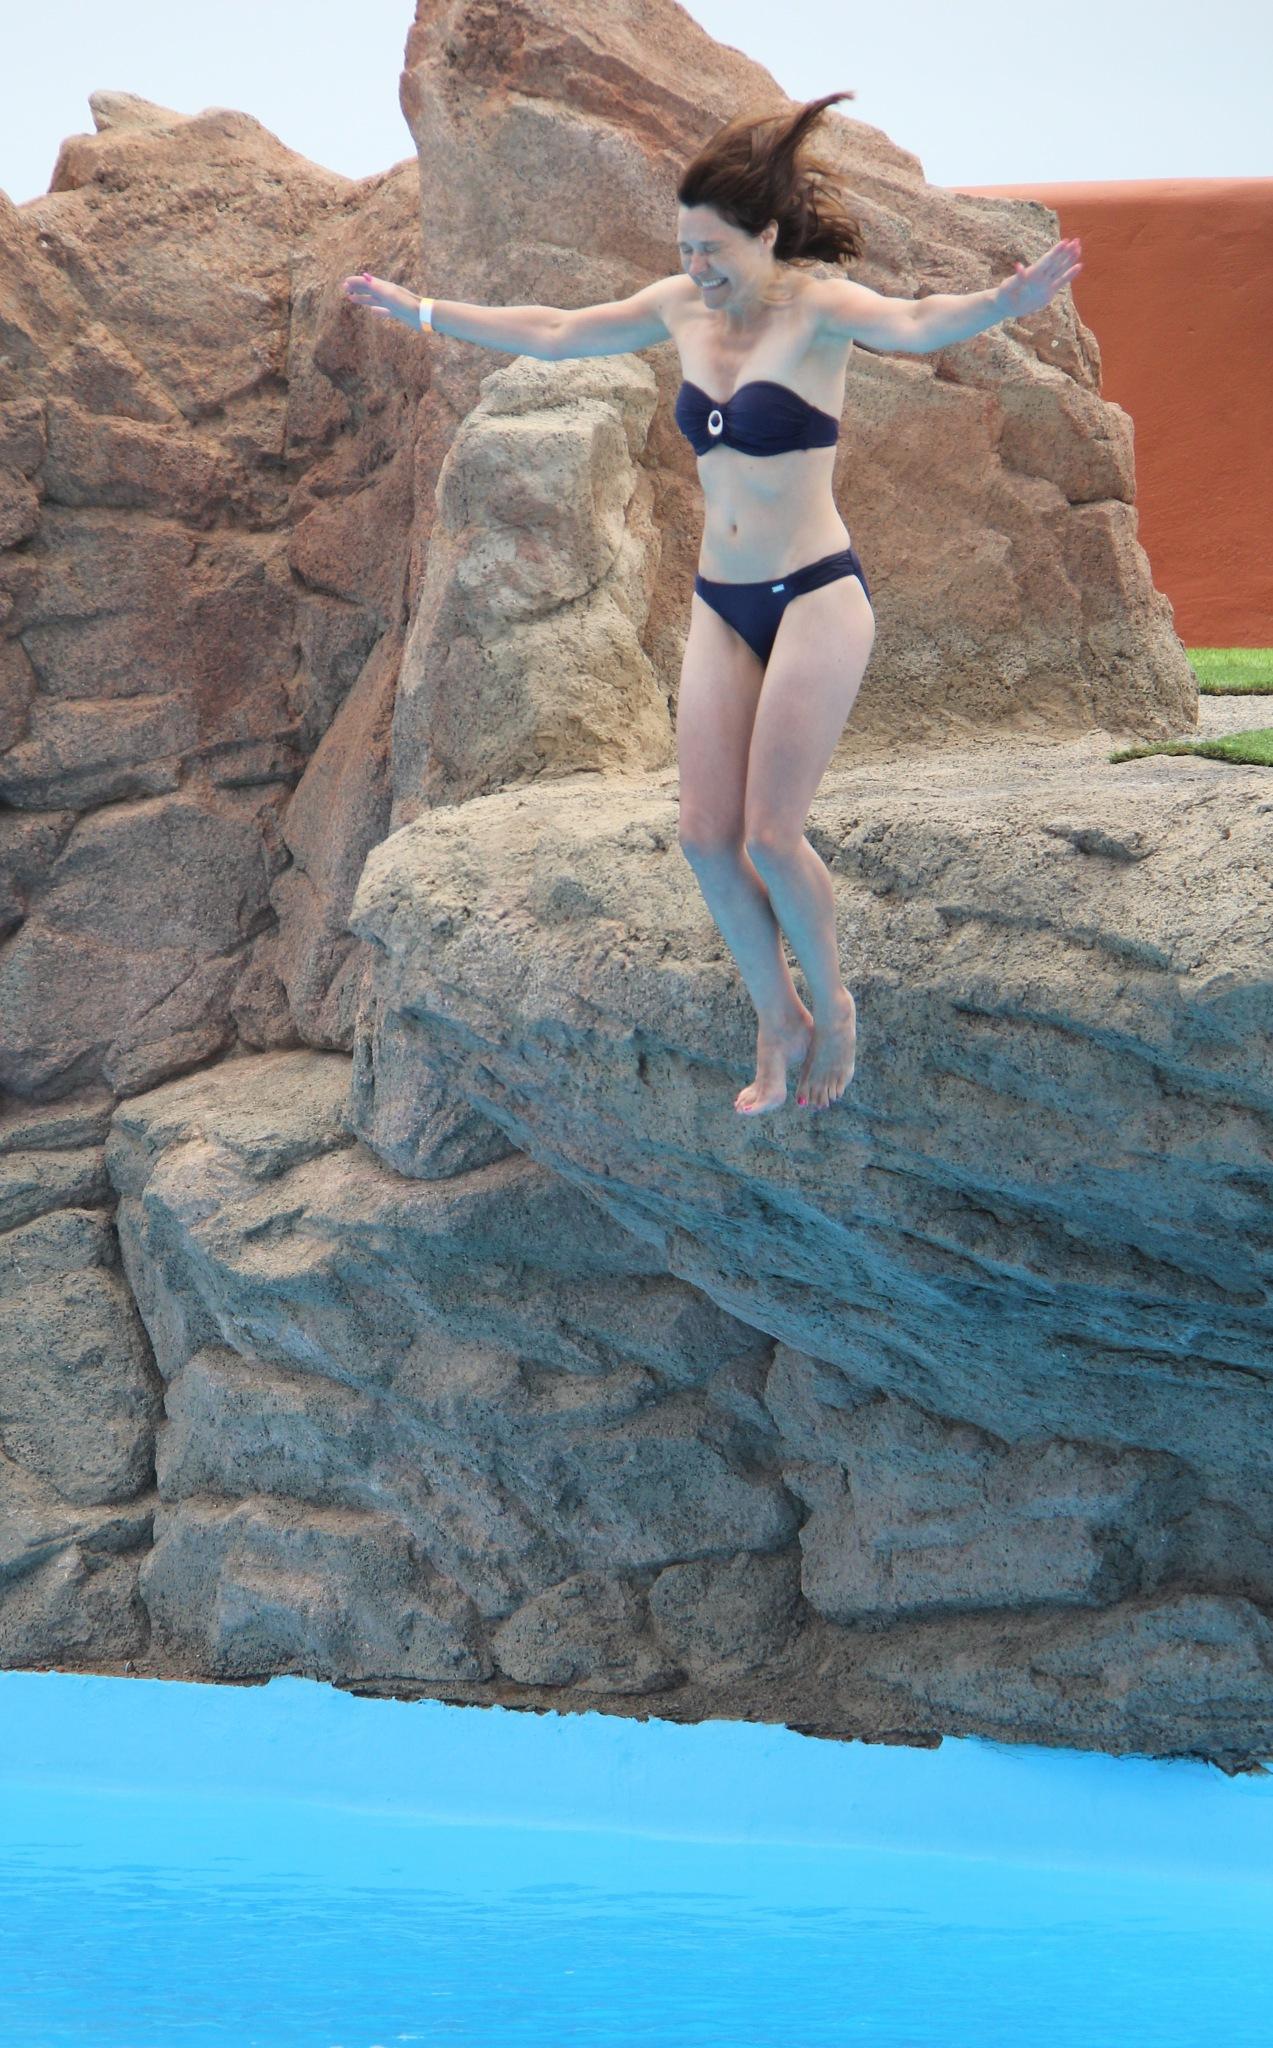 Taking a dip! by Daveschoie